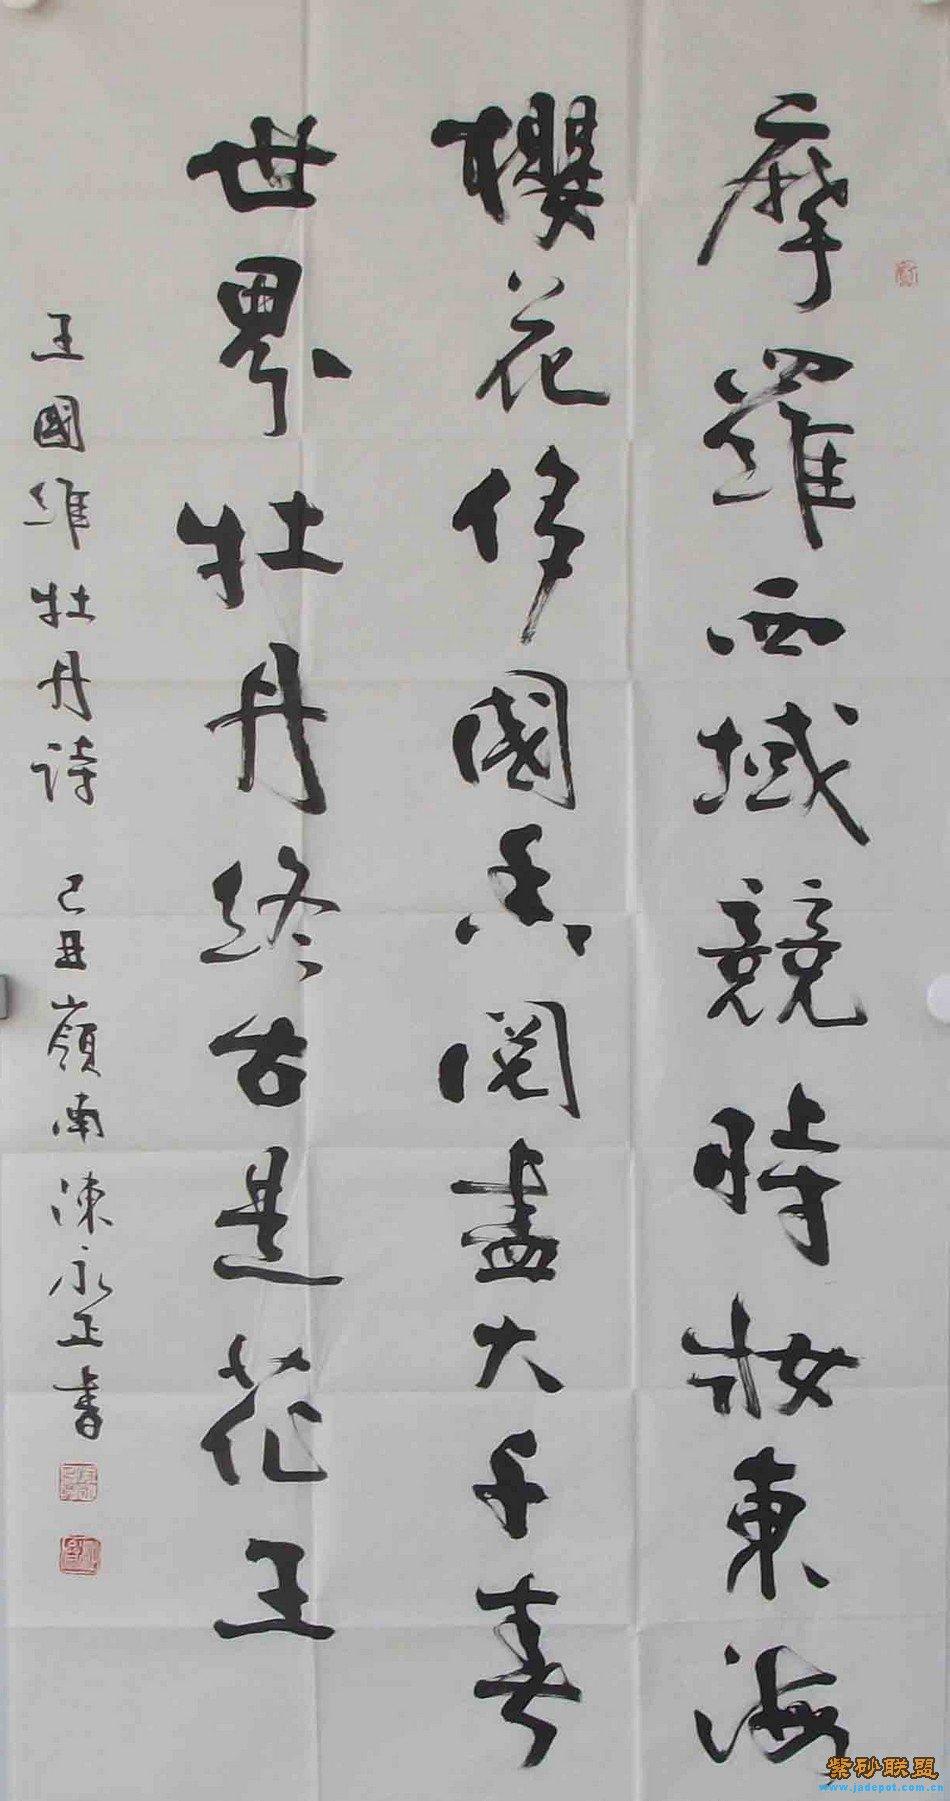 陈永正书法 - 【海阔天空】